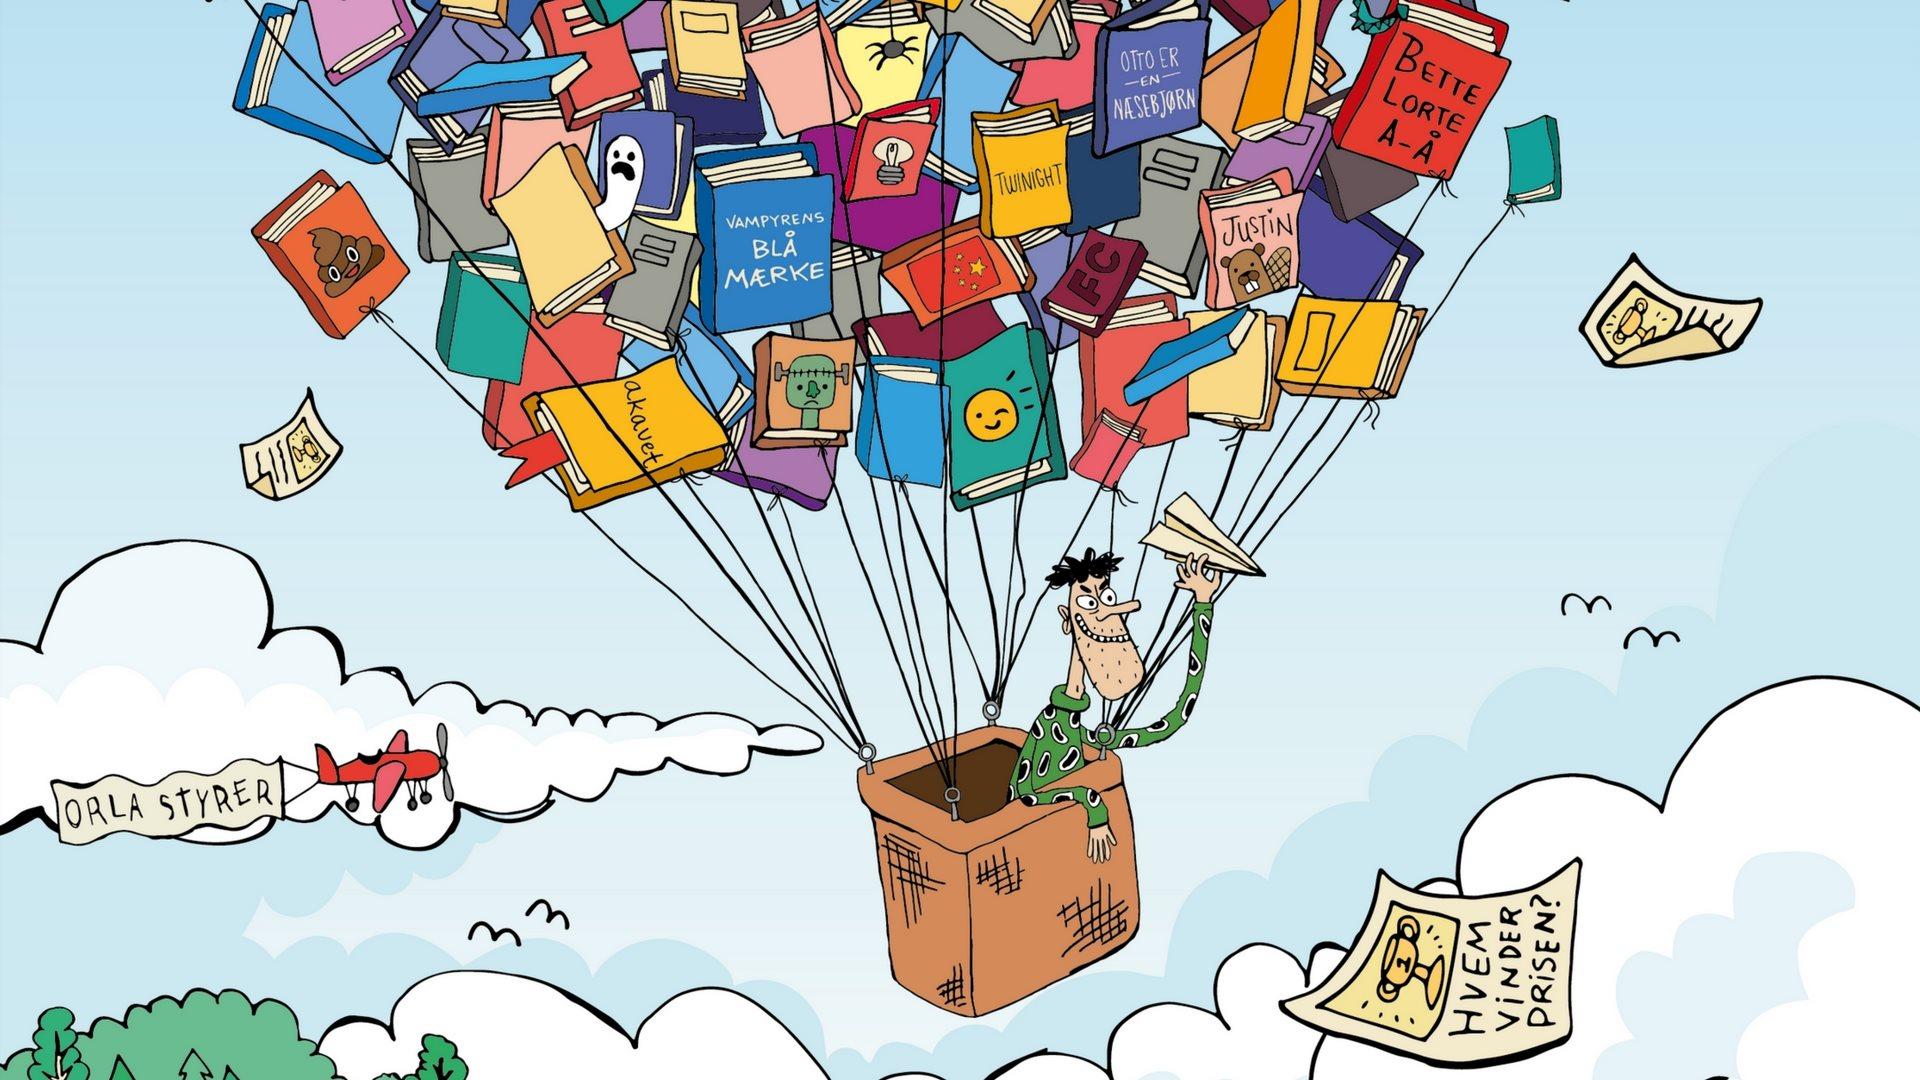 Orlaprisen 2017, orlaprisen, børnebøger